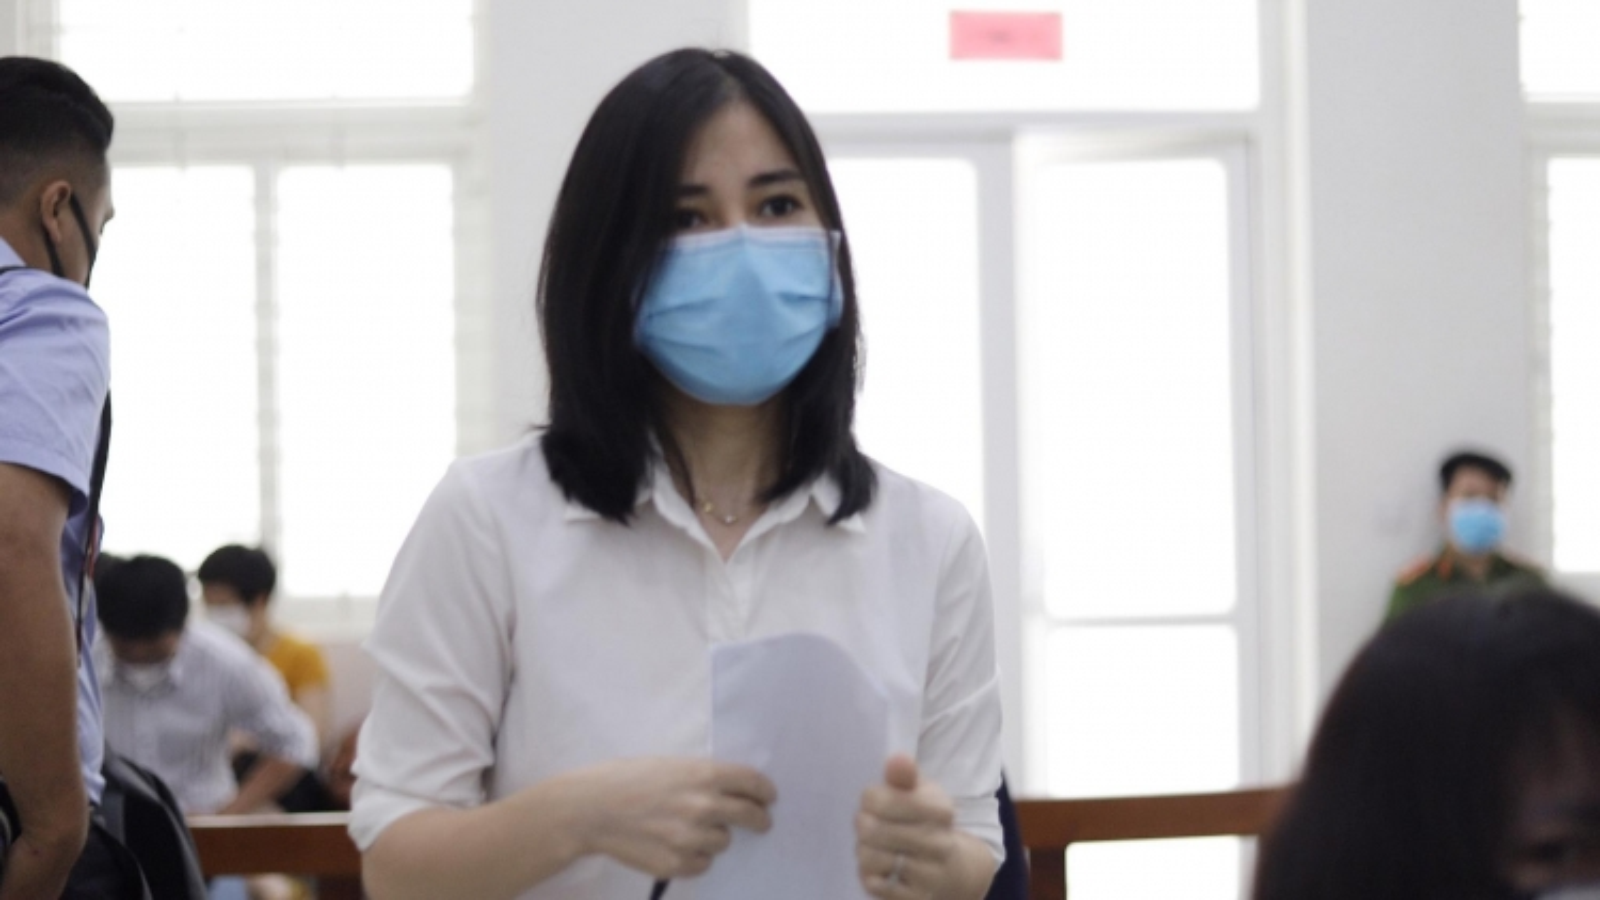 5 năm tù cho chủ mưu vụ dàn xếp người lên chuyên cơ lãnh đạo, trốn lại Hàn Quốc